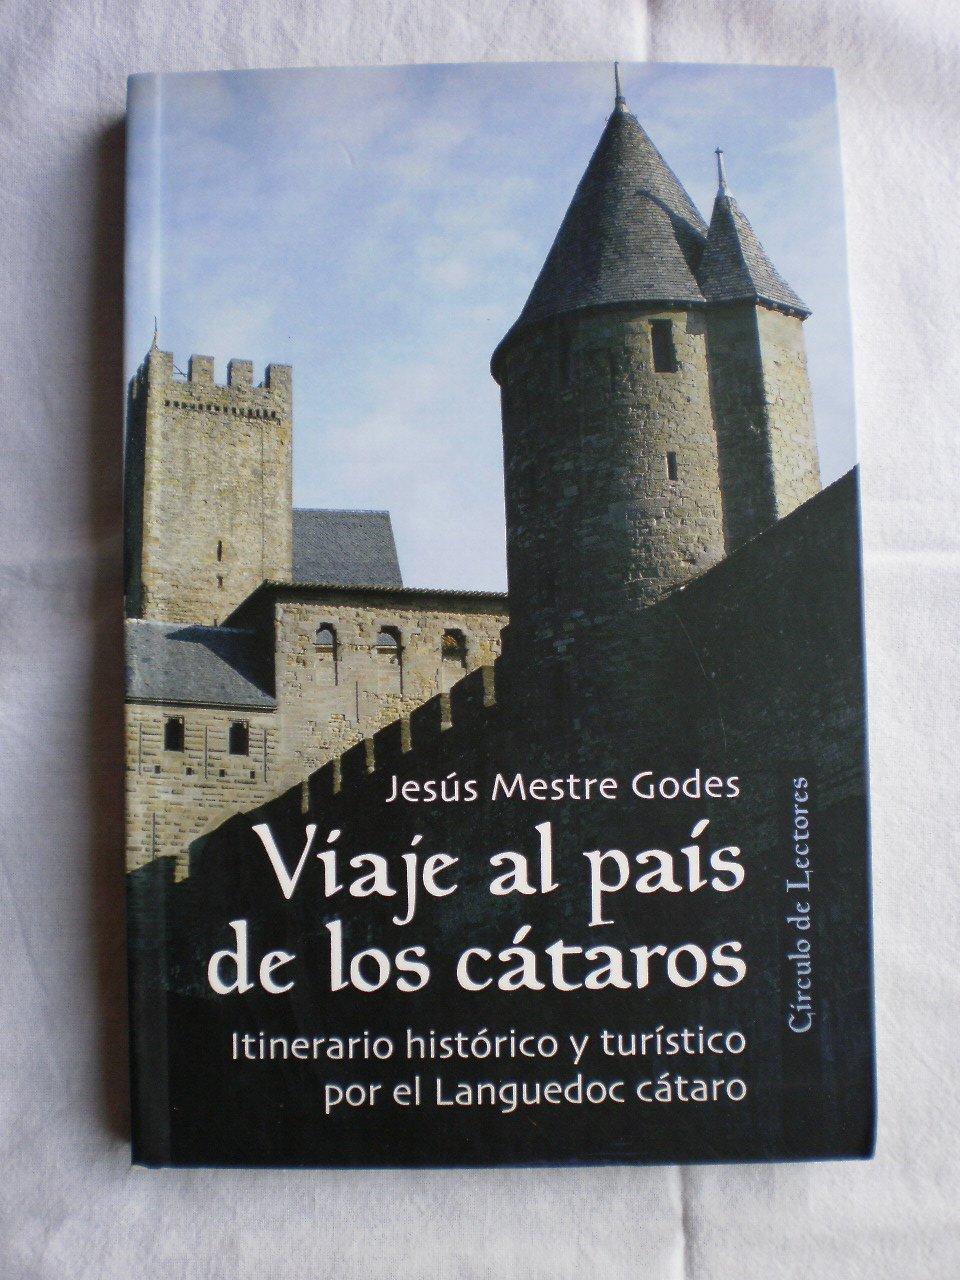 VIAJE AL PAÍS DE LOS CÁTAROS. Itinerario histórico y turístico por el Languedoc cátaro: Amazon.es: Mestre Godes, Jesús: Libros